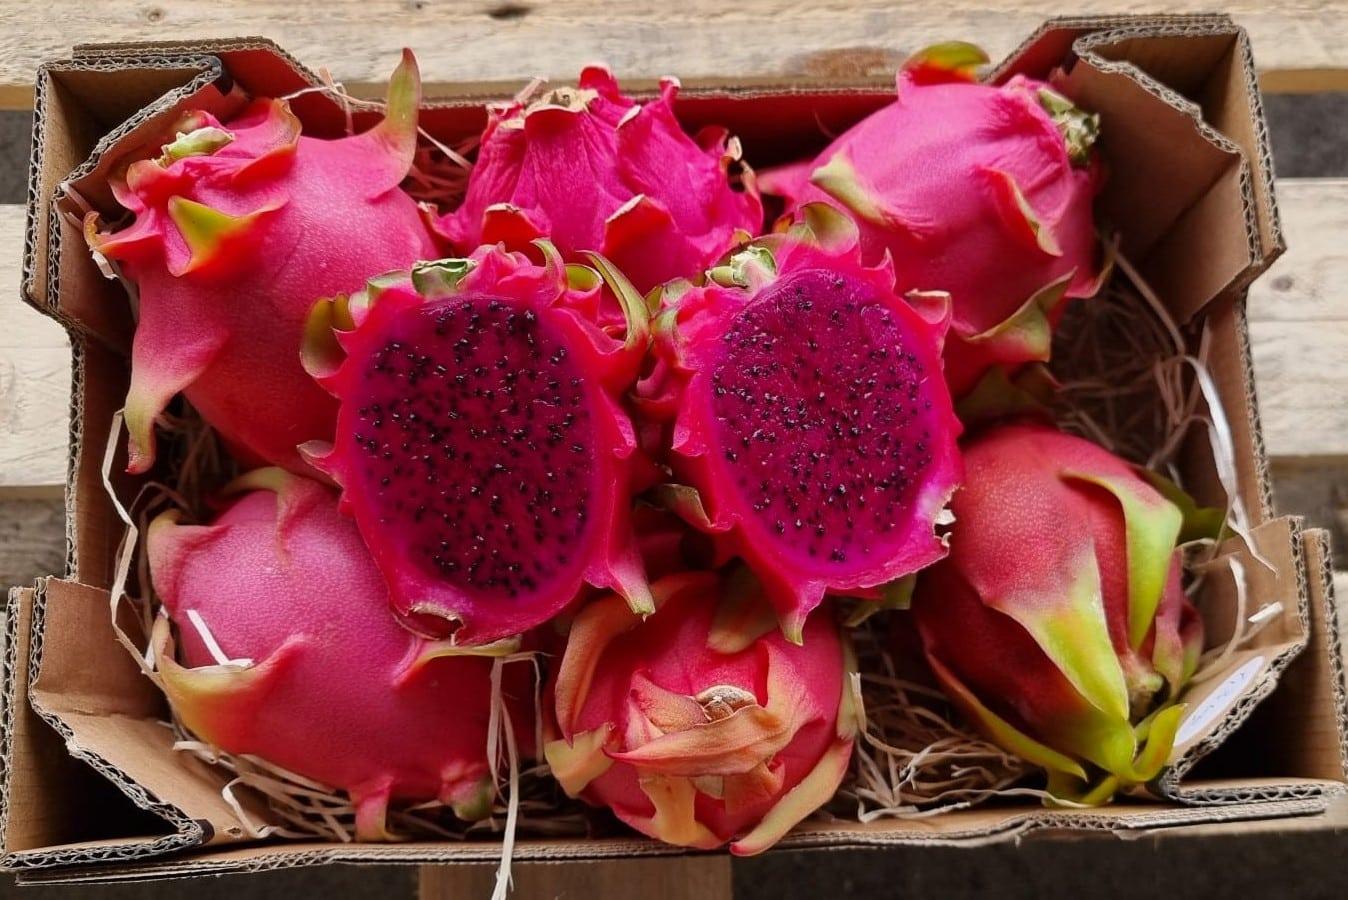 drachenfrucht pink uafen